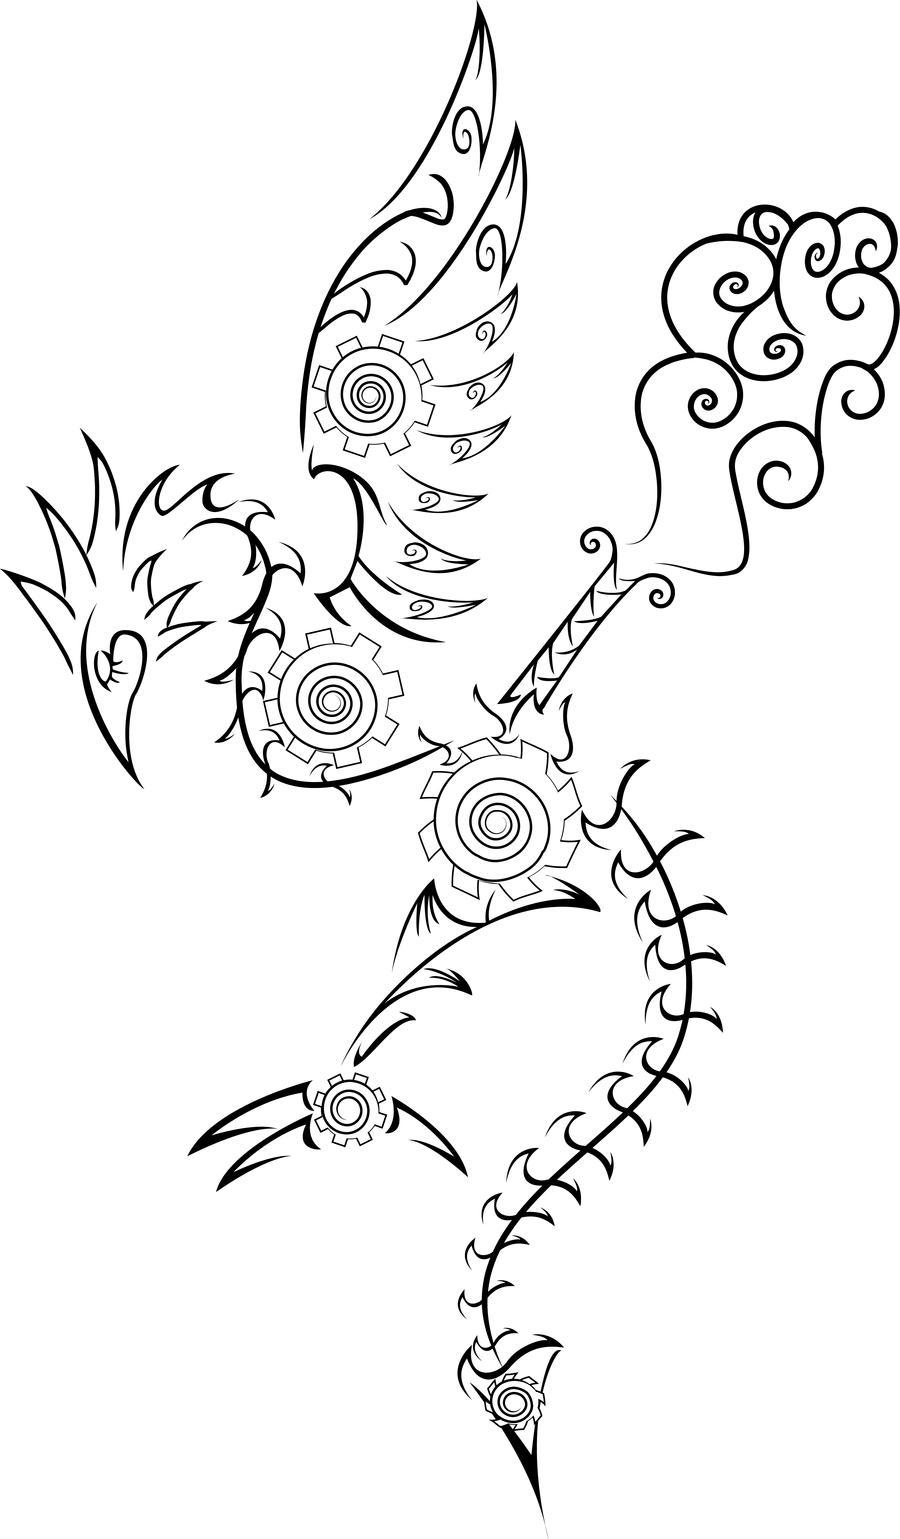 Steampunk Filigree Cockatrice by Sakashima